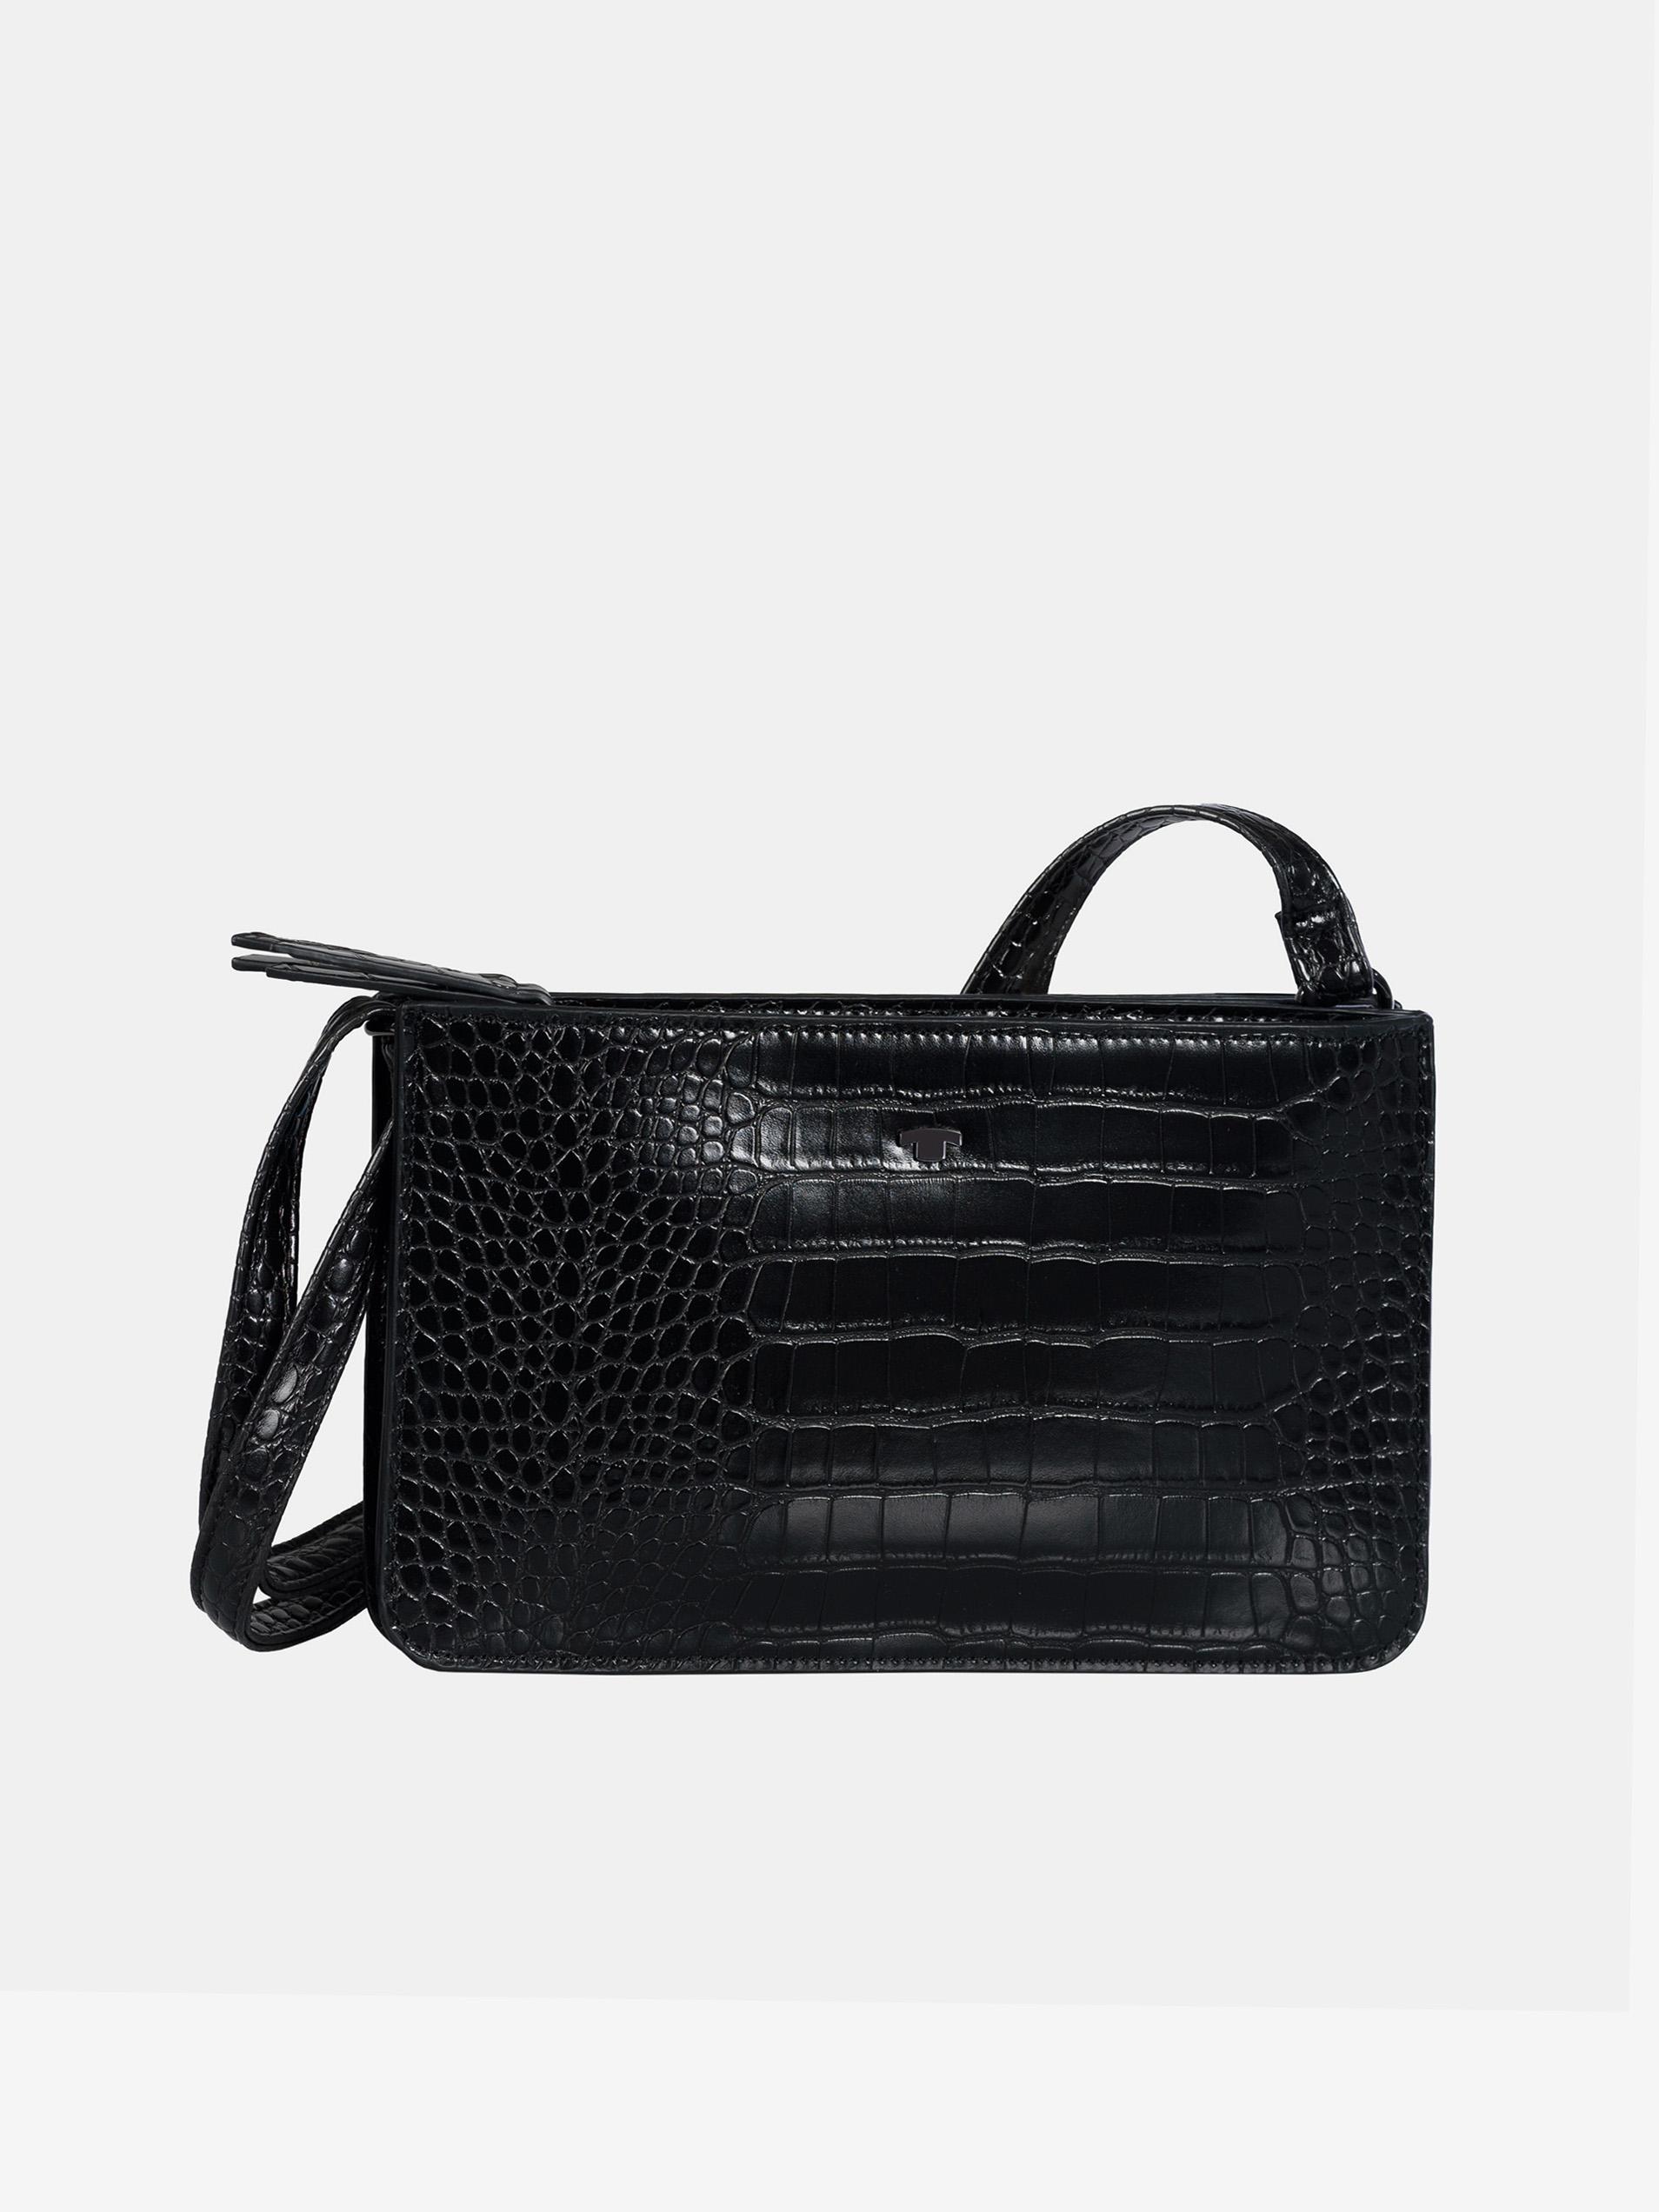 Czarna torebka typu crossbody z wzorem krokodyla od Tom Tailor